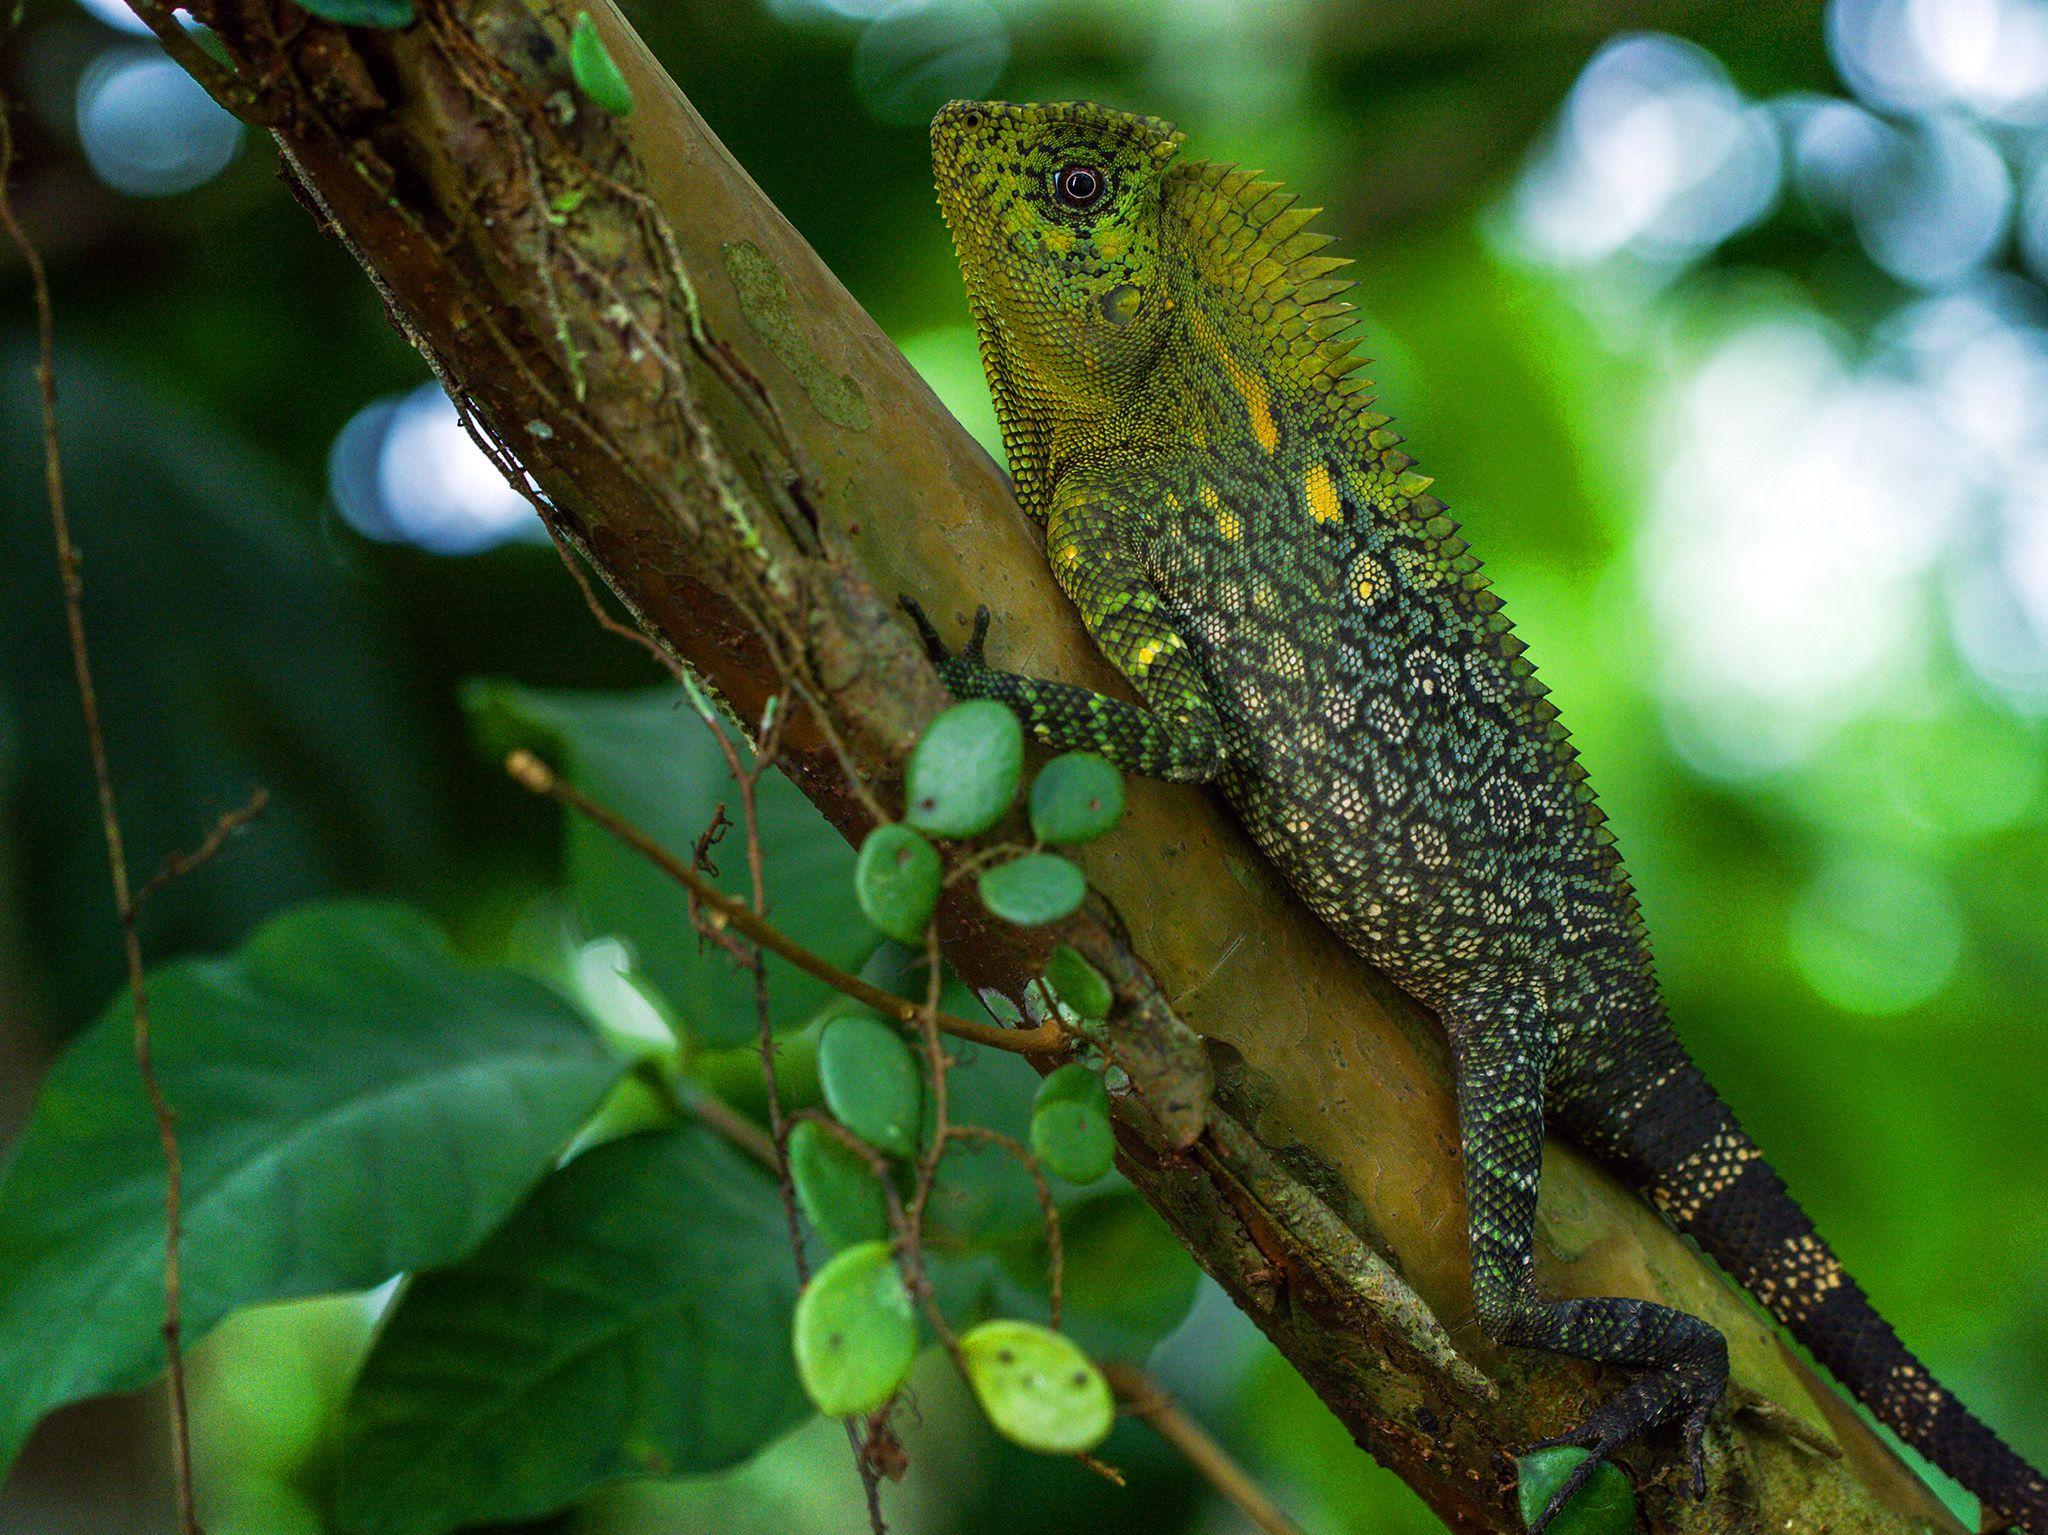 جاوا، اندونزی: مارمولکی روی تنهی درخت. | عکسی از... [Photo of the day - مارس 2019]